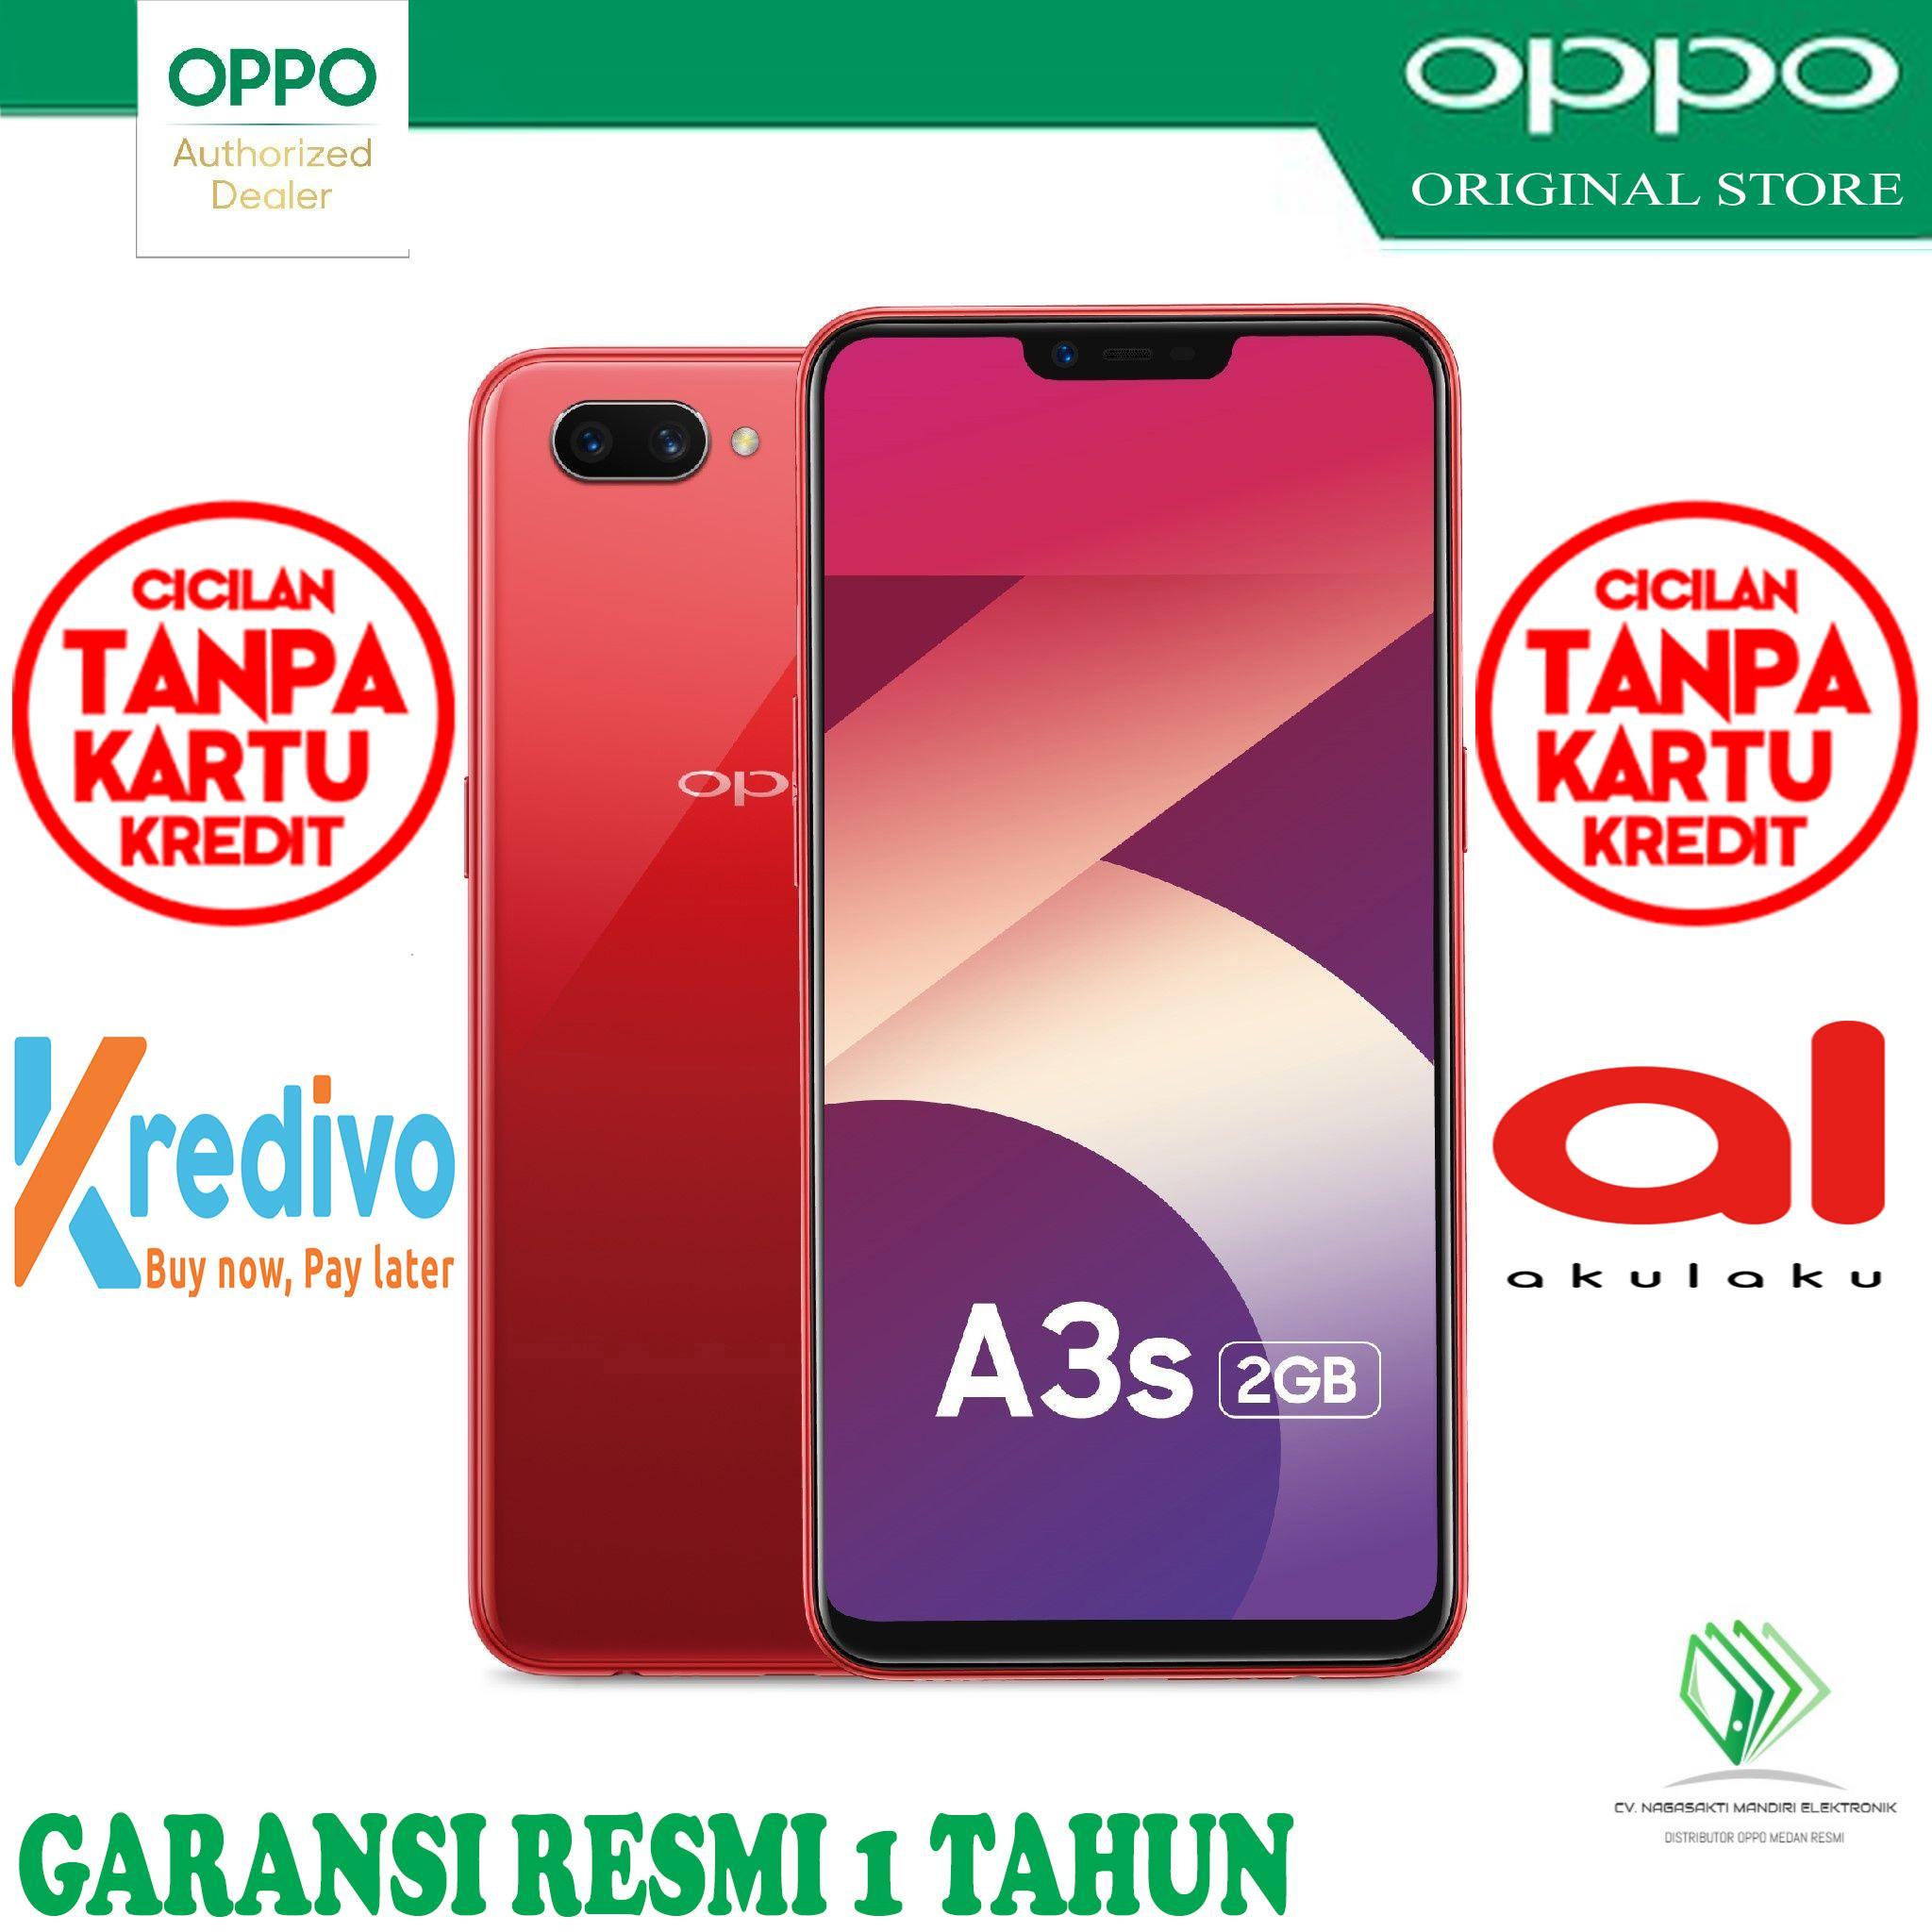 OPPO A3S RAM 2/16GB ORIGINAL SMARTPHONE GARANSI RESMI